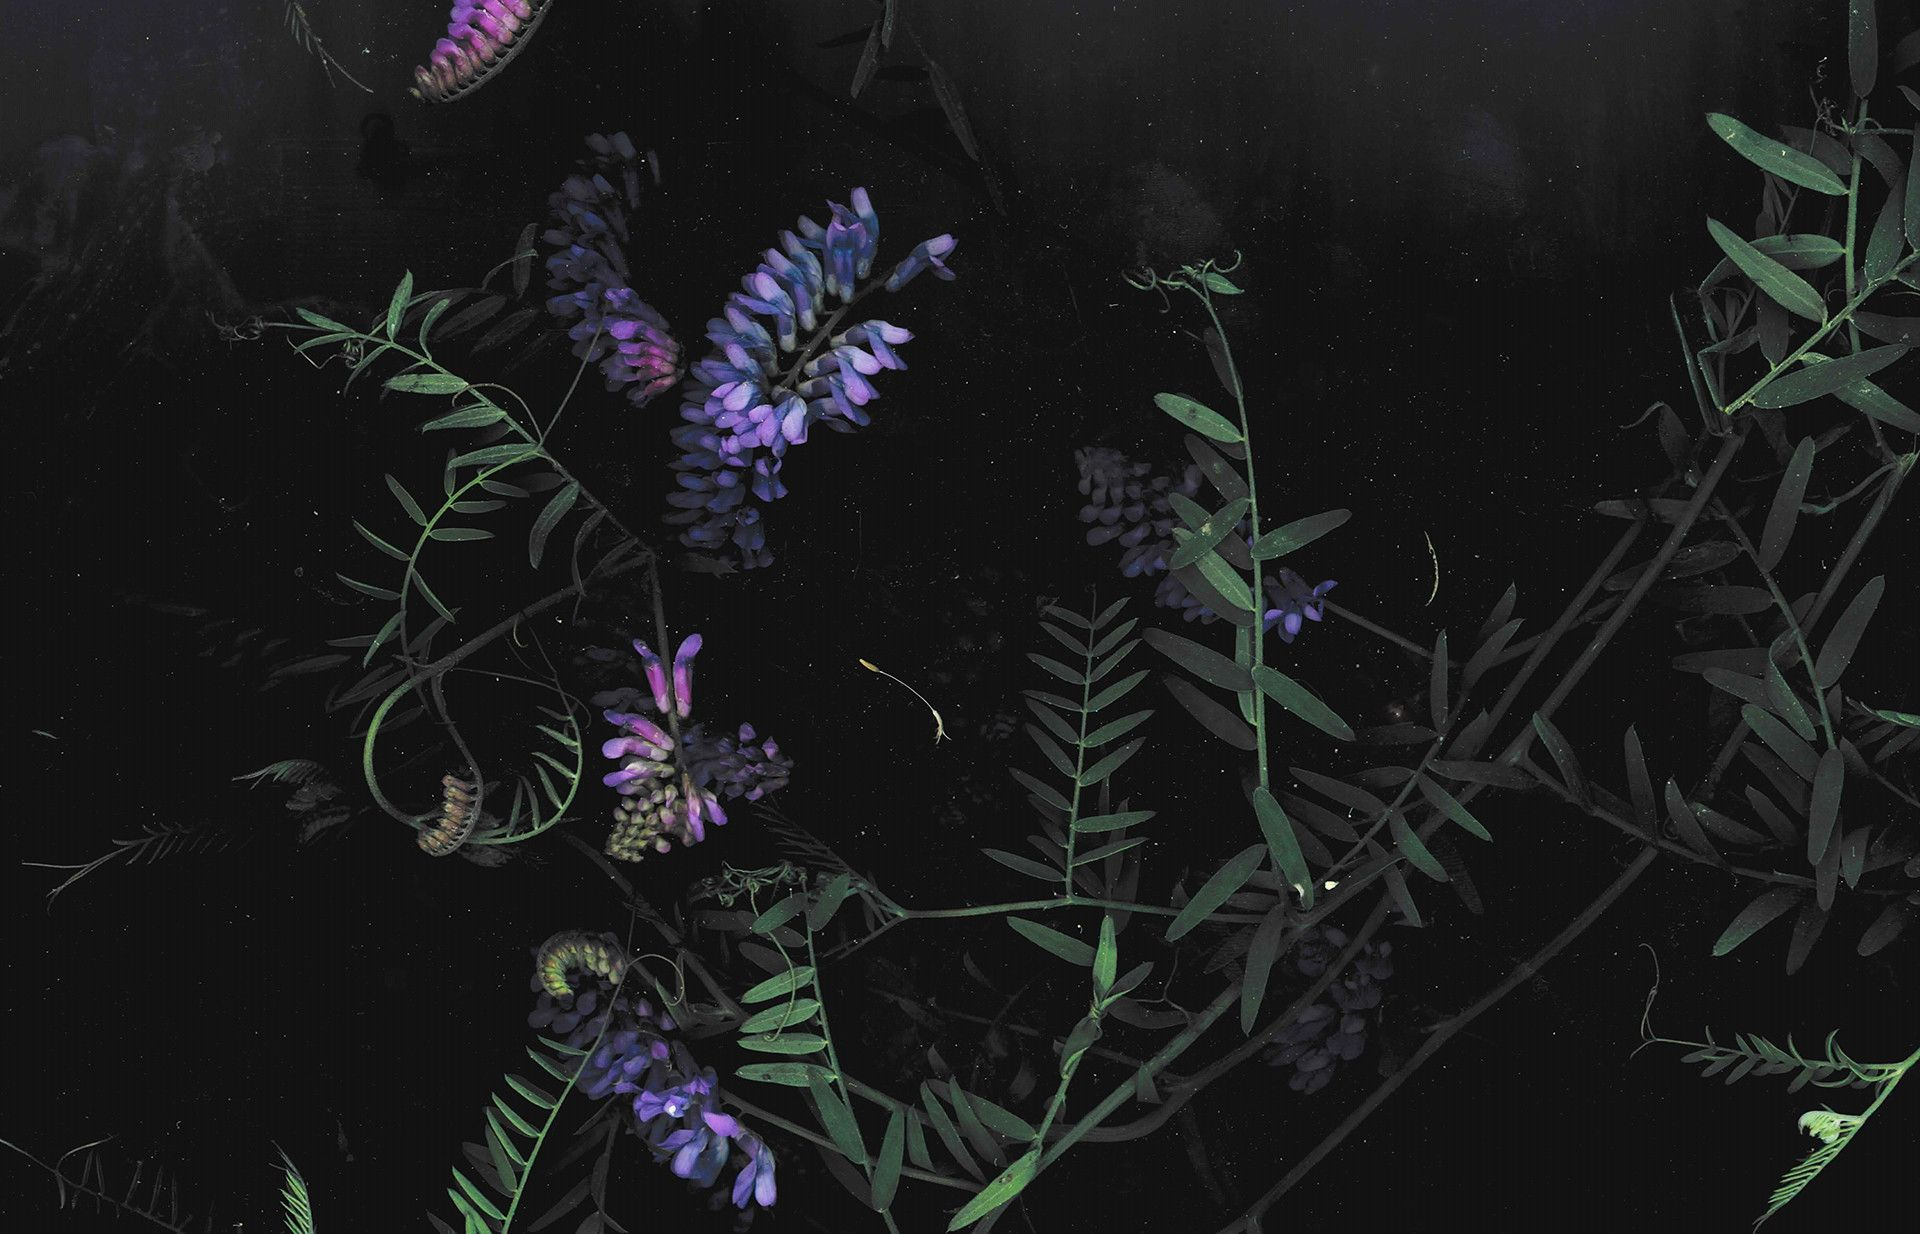 Desktop Wallpaper Flowers Aesthetic Di 2020